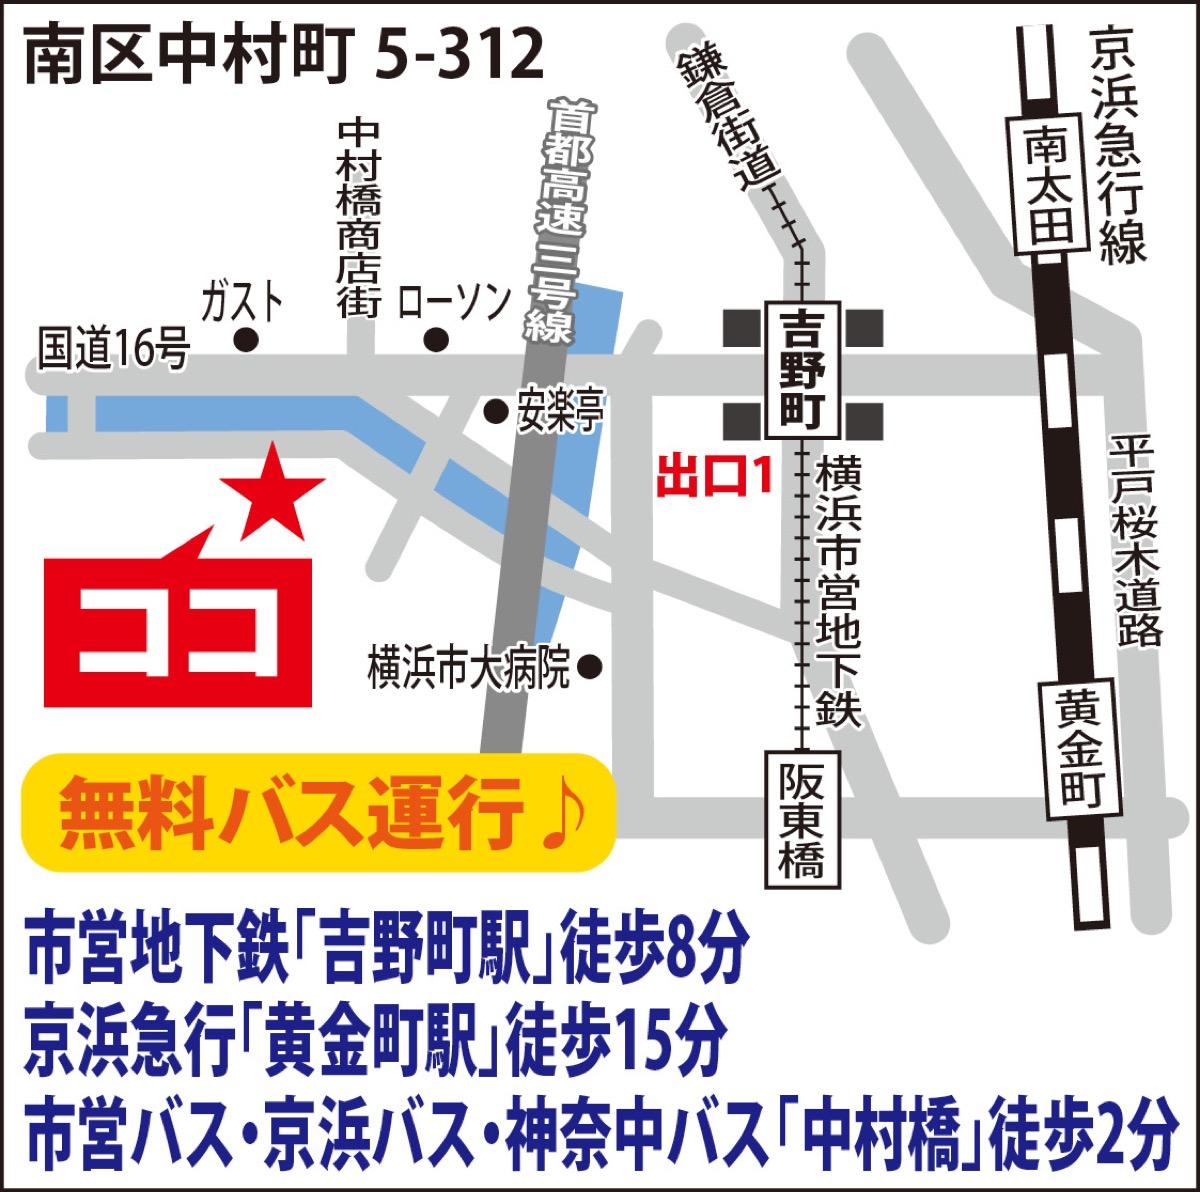 ドライビング スクール 神奈川